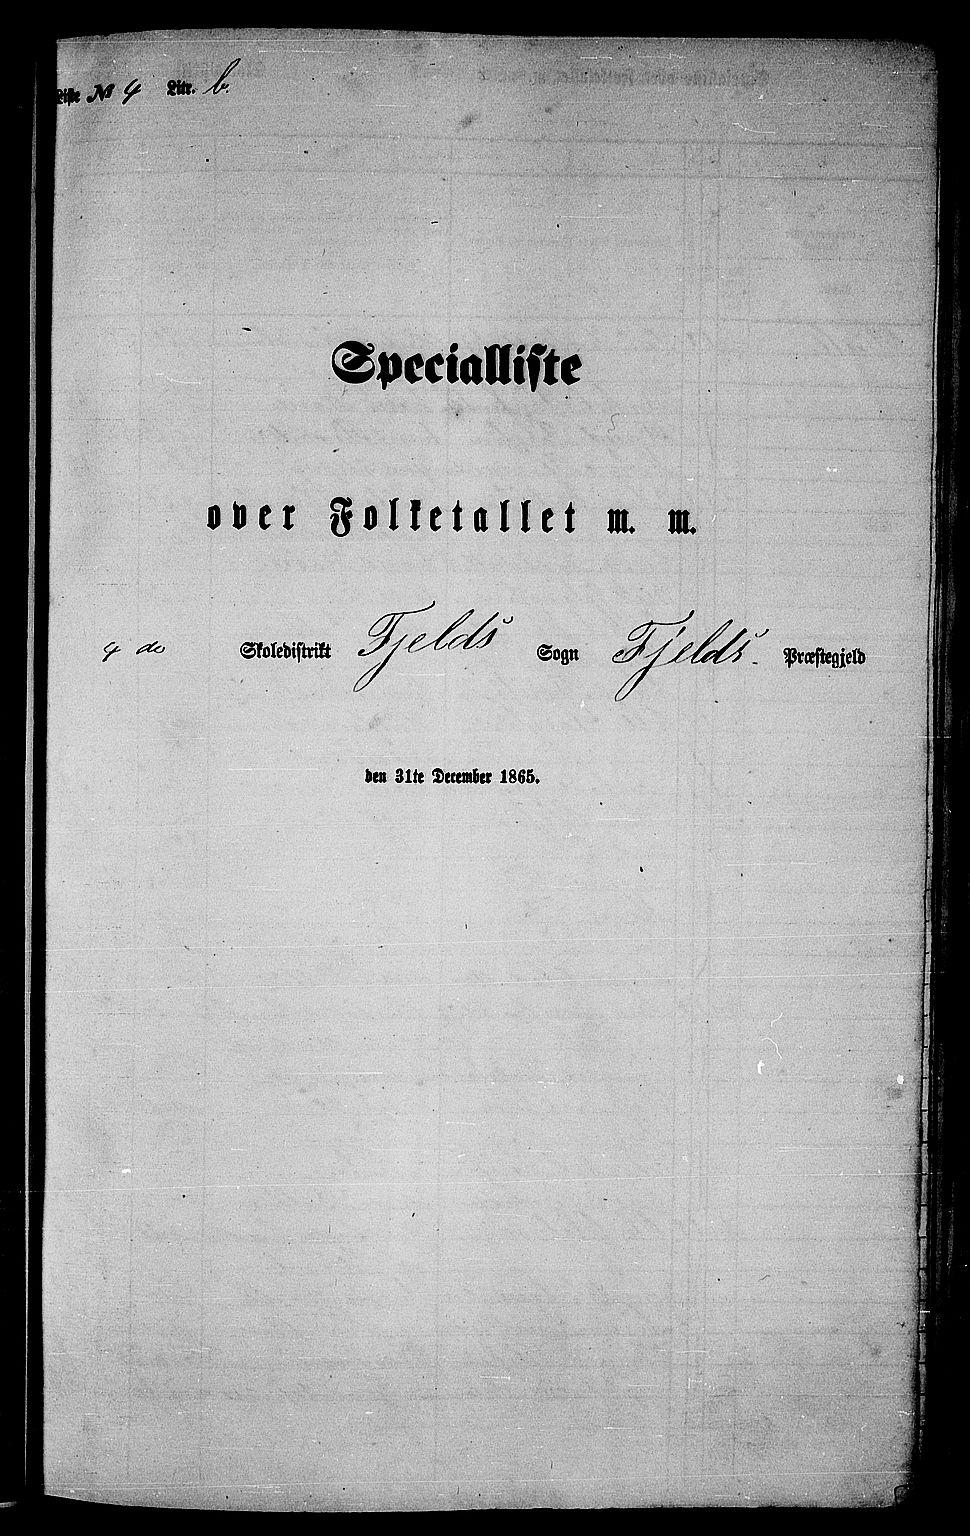 RA, Folketelling 1865 for 1246P Fjell prestegjeld, 1865, s. 73